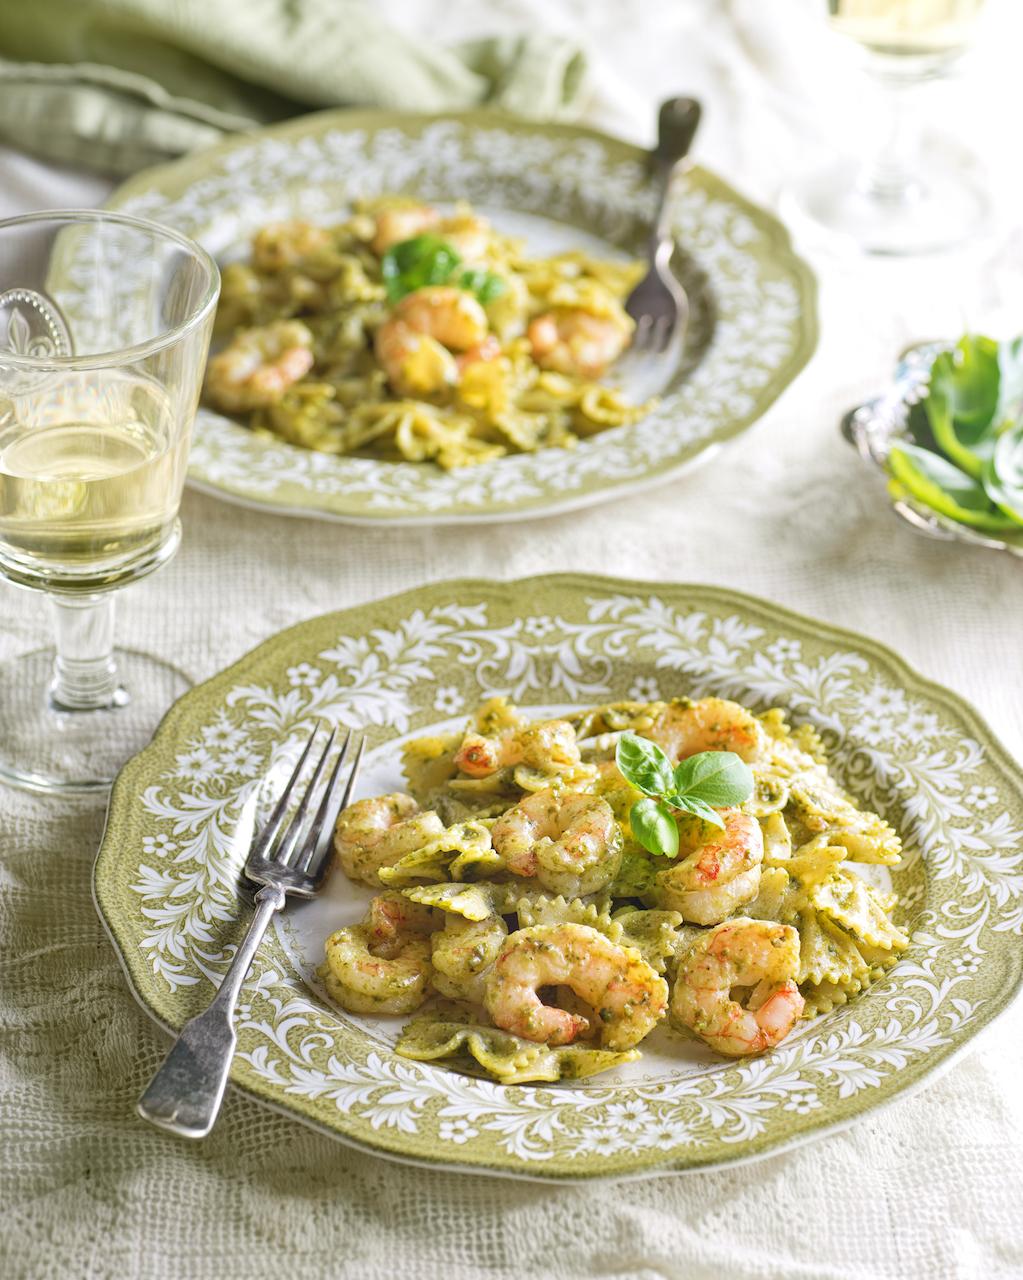 Pâtes aux crevettes avec pesto et fromage parmesan. Un lunch ou un souper simple et délicieux.